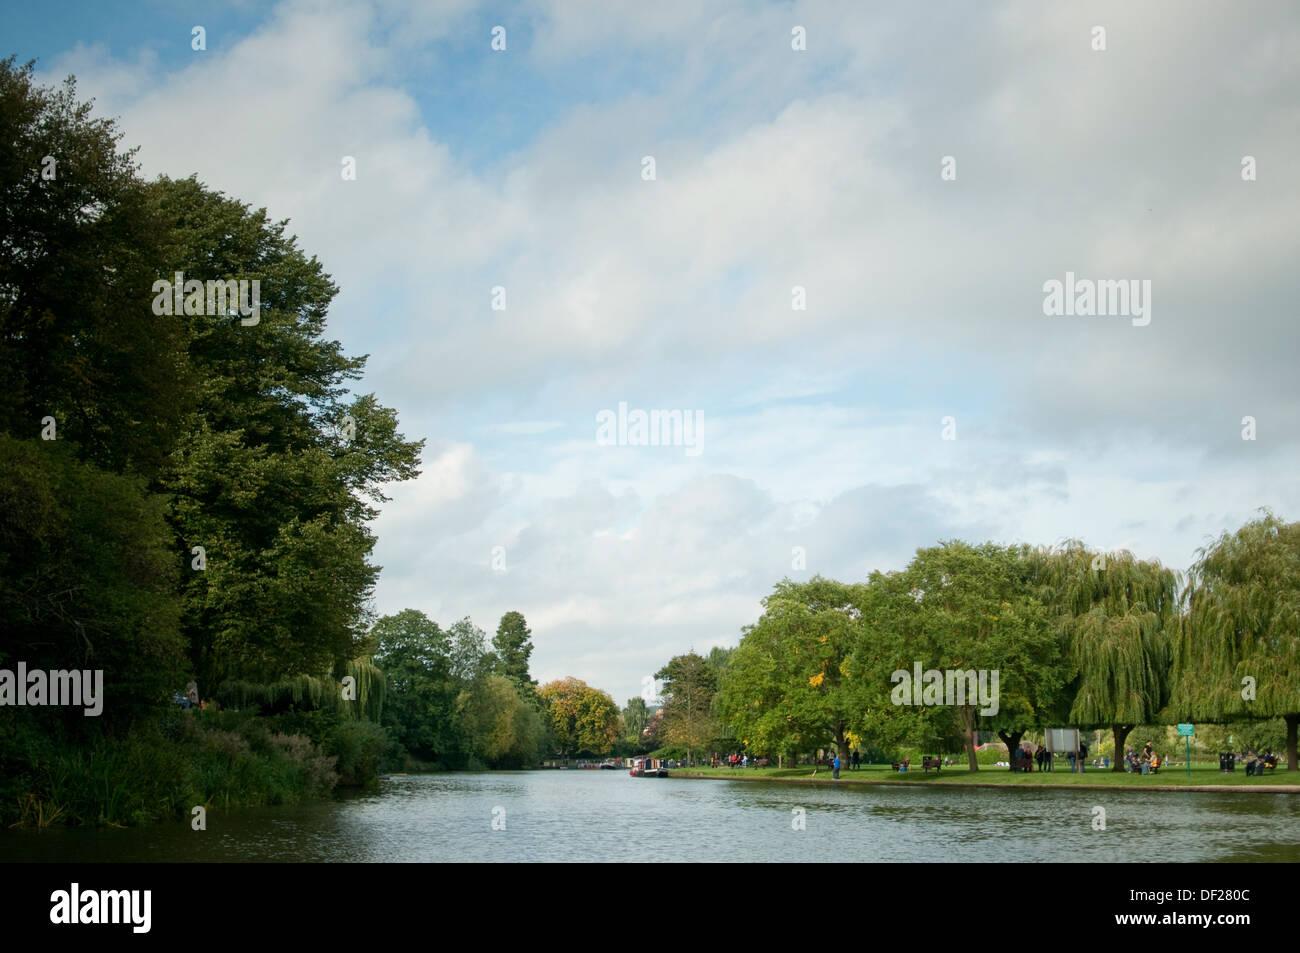 Stratford-upon-Avon river scene - Stock Image